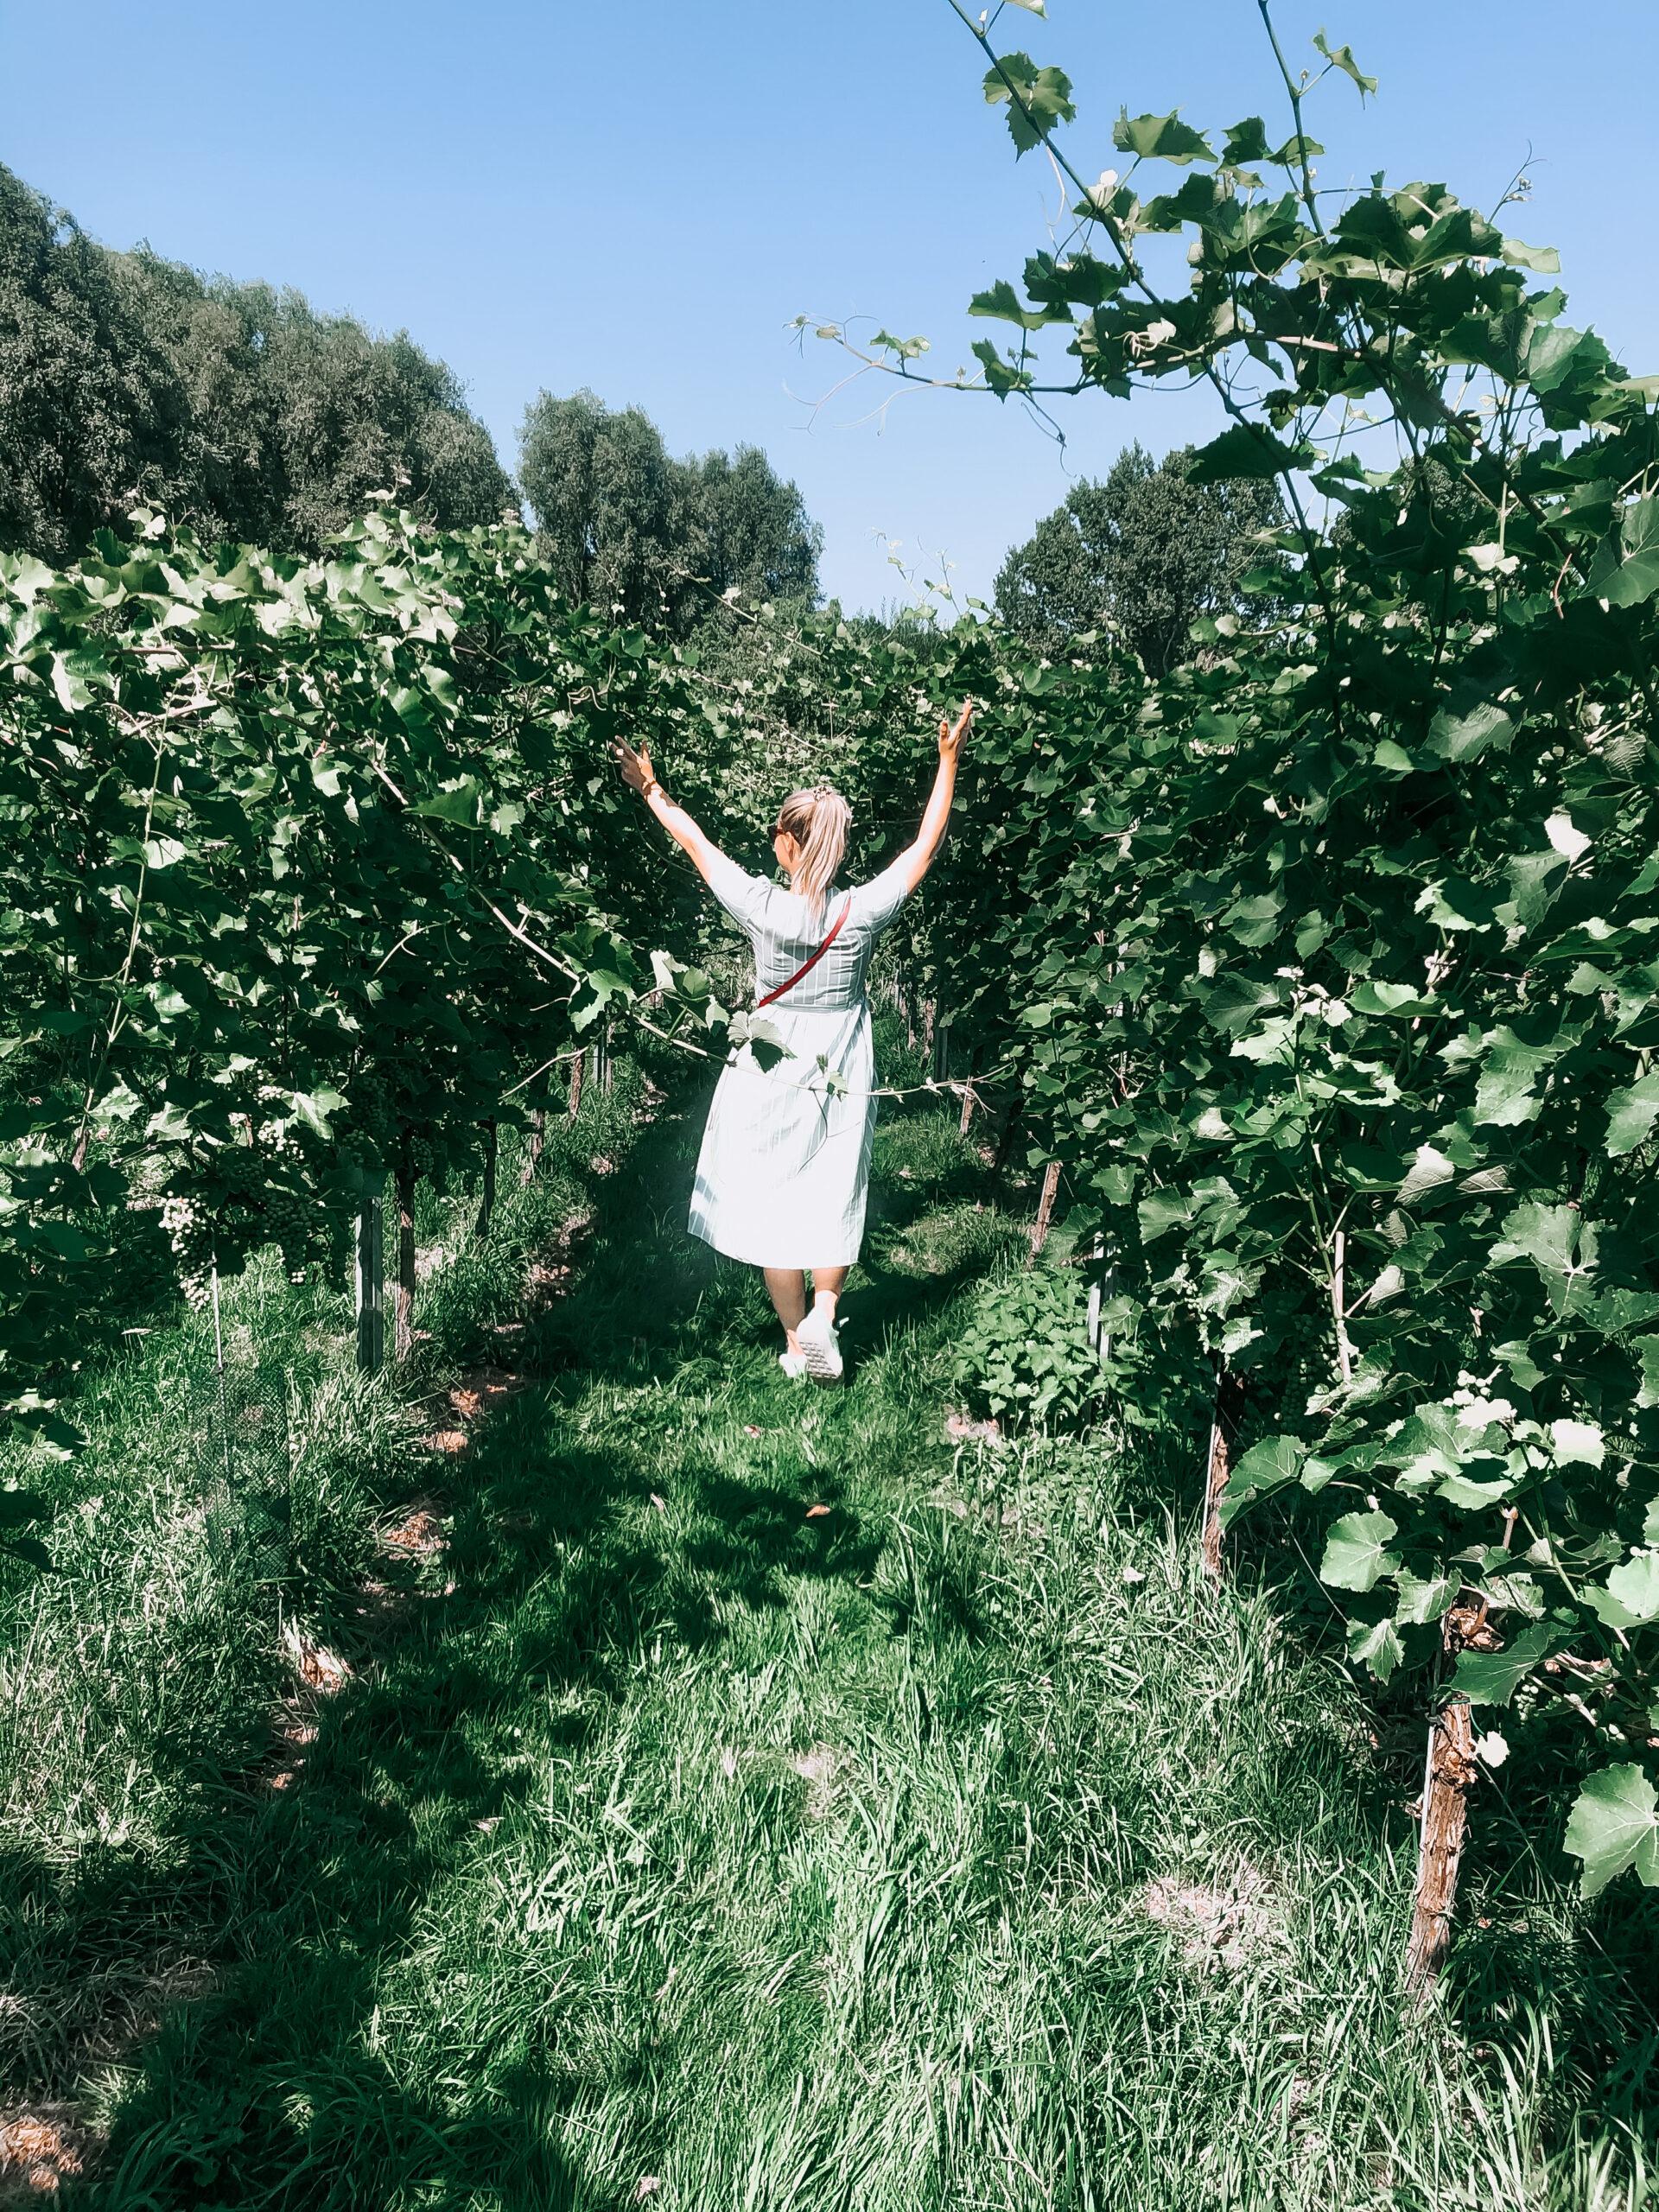 Kiki Bosman - Wijngaard Amsteltuin - Wijngaard amstelveen - wijnen uit nederland